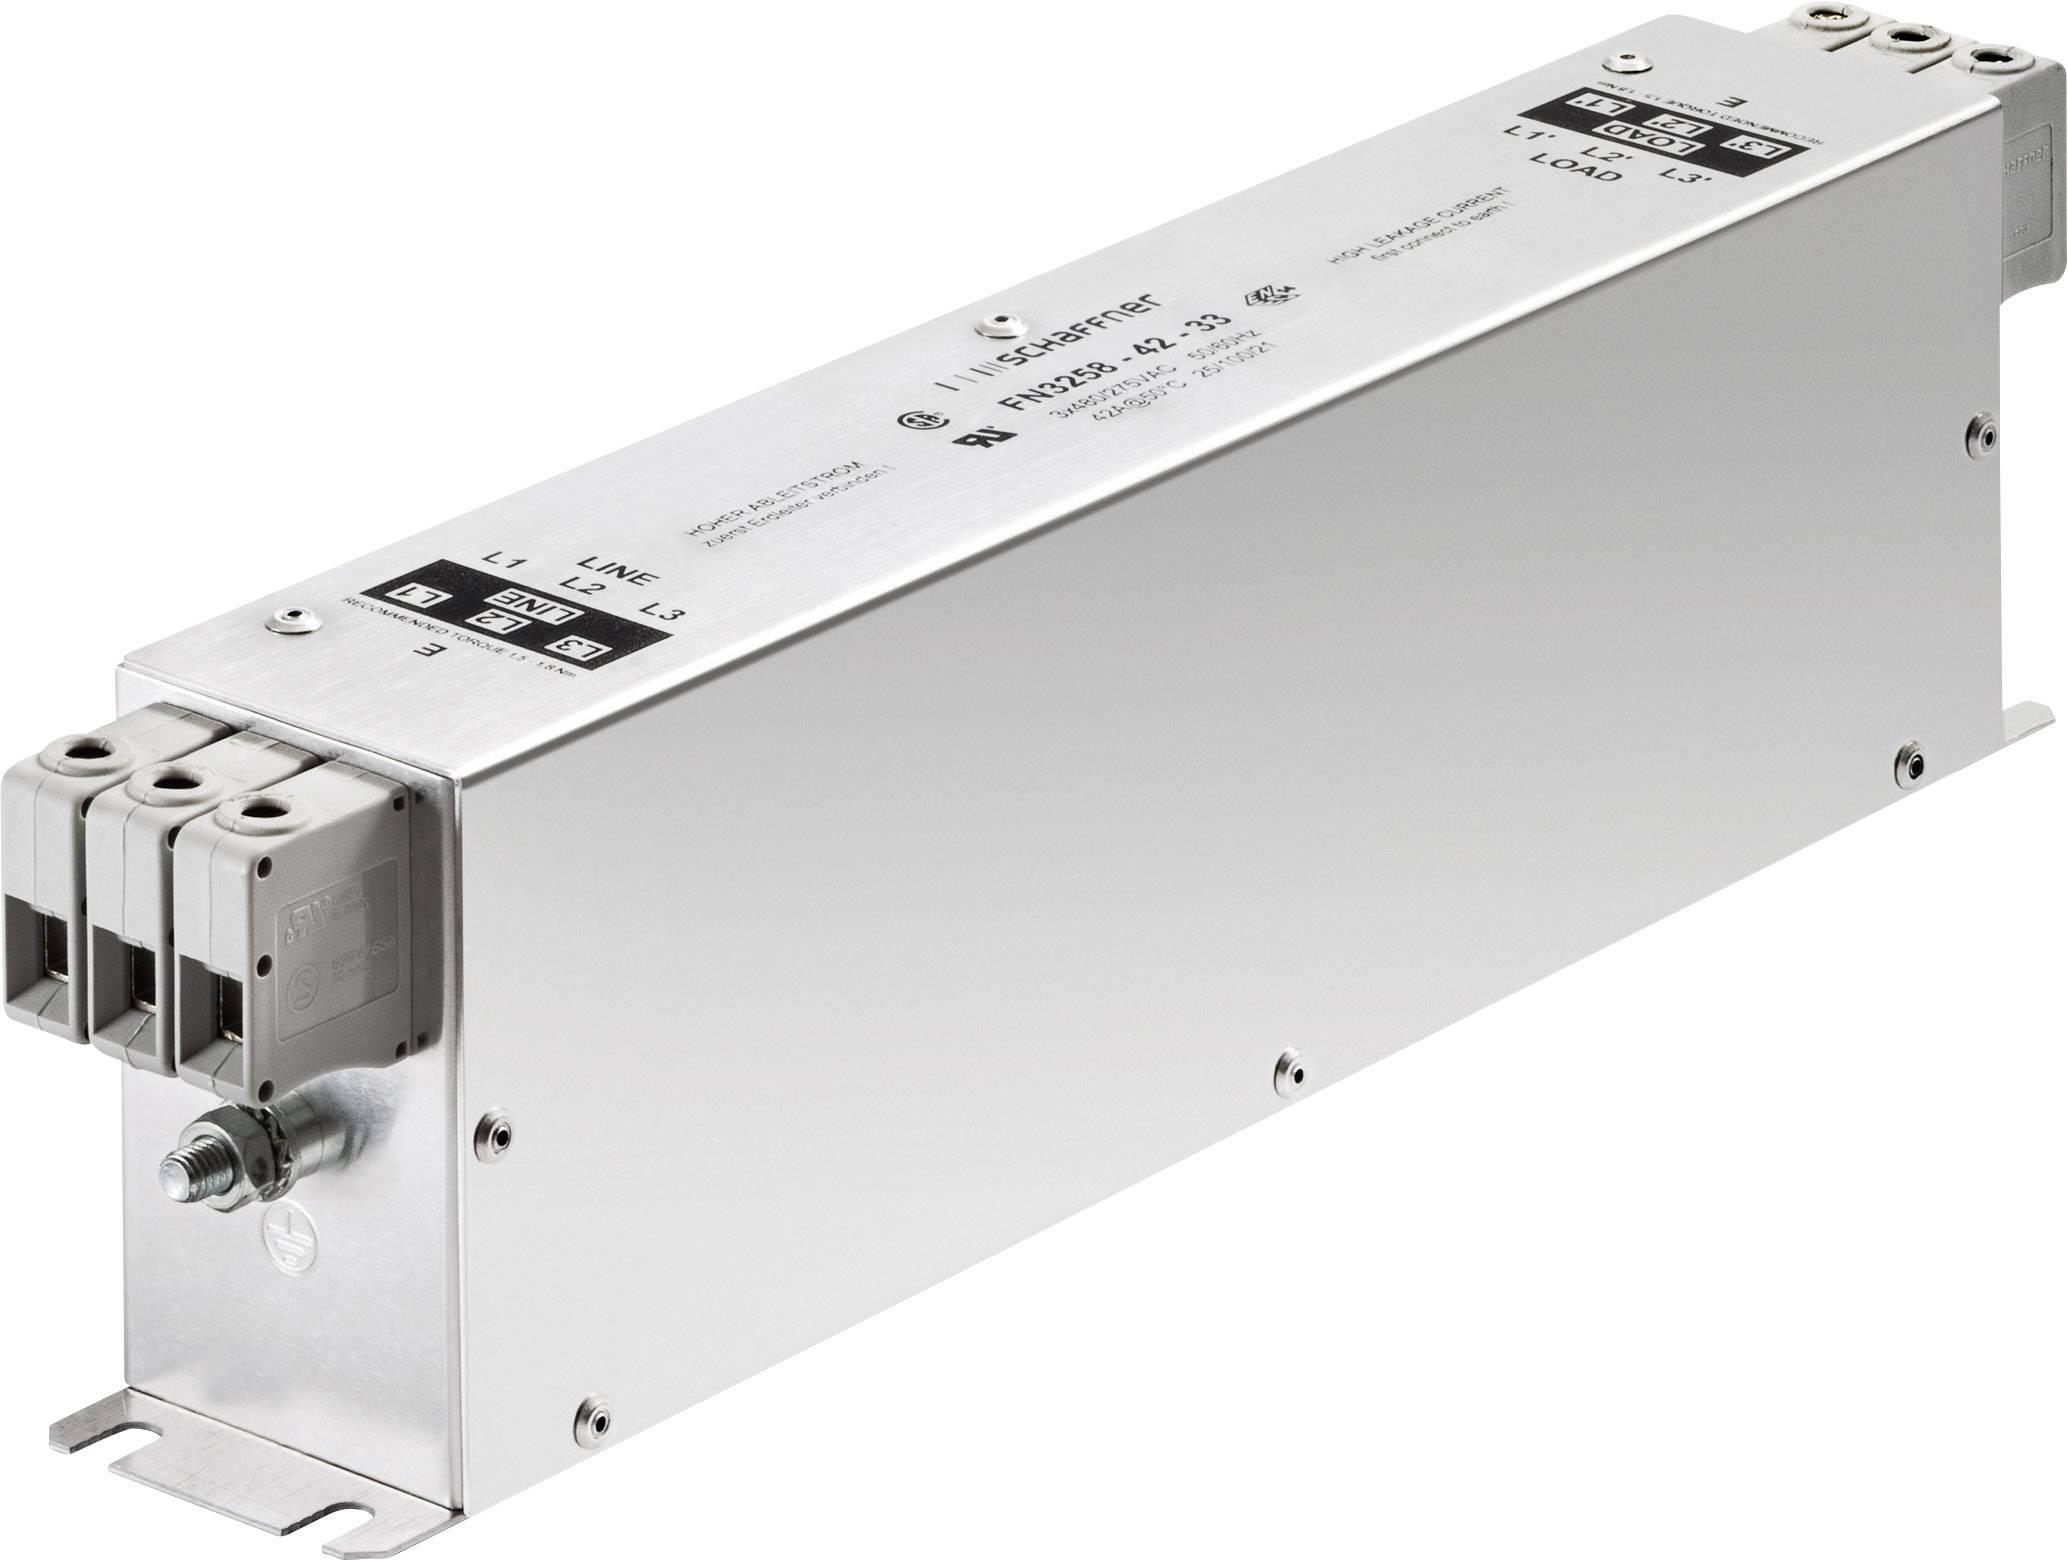 Odrušovací filter Schaffner FN3258-30-33 FN3258-30-33, 277 V/AC, 480 V/AC, 30 A, (d x š x v) 270 x 50 x 85 mm, 1 ks